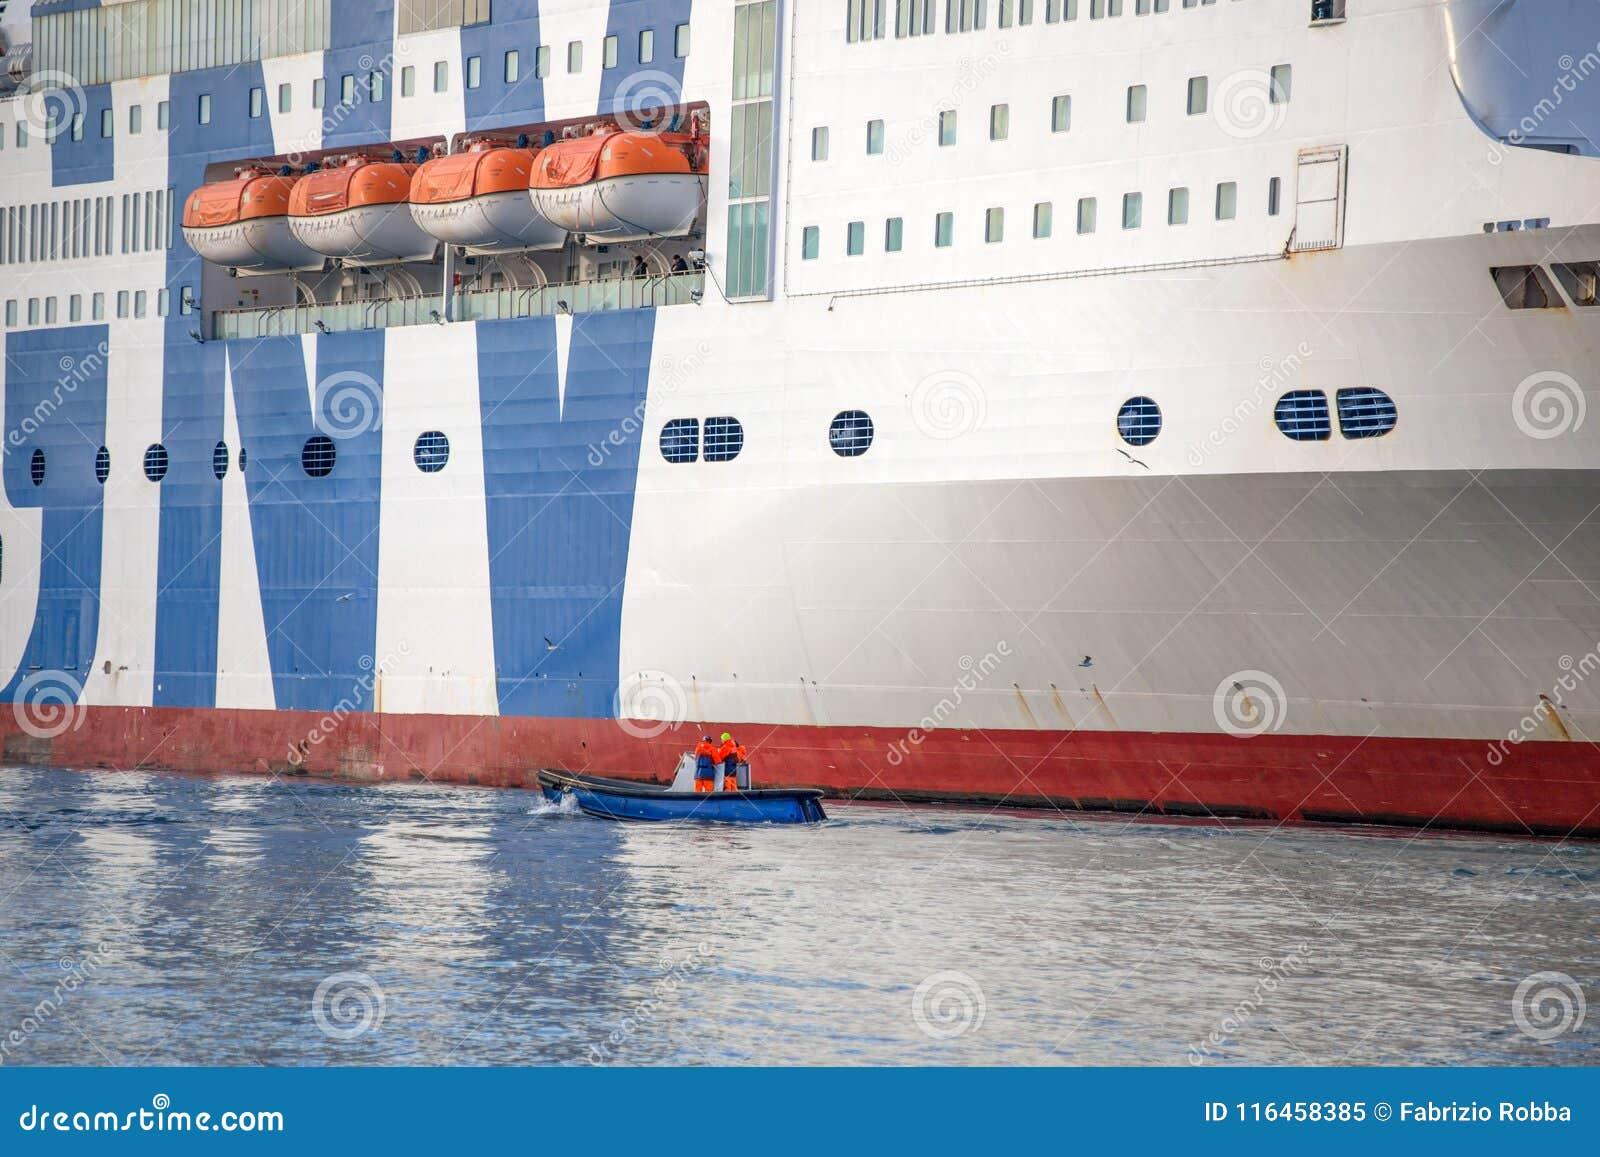 Πρόσδεση επιβατηγών πλοίων και βαρκών στο λιμένα της Γένοβας, Ιταλία